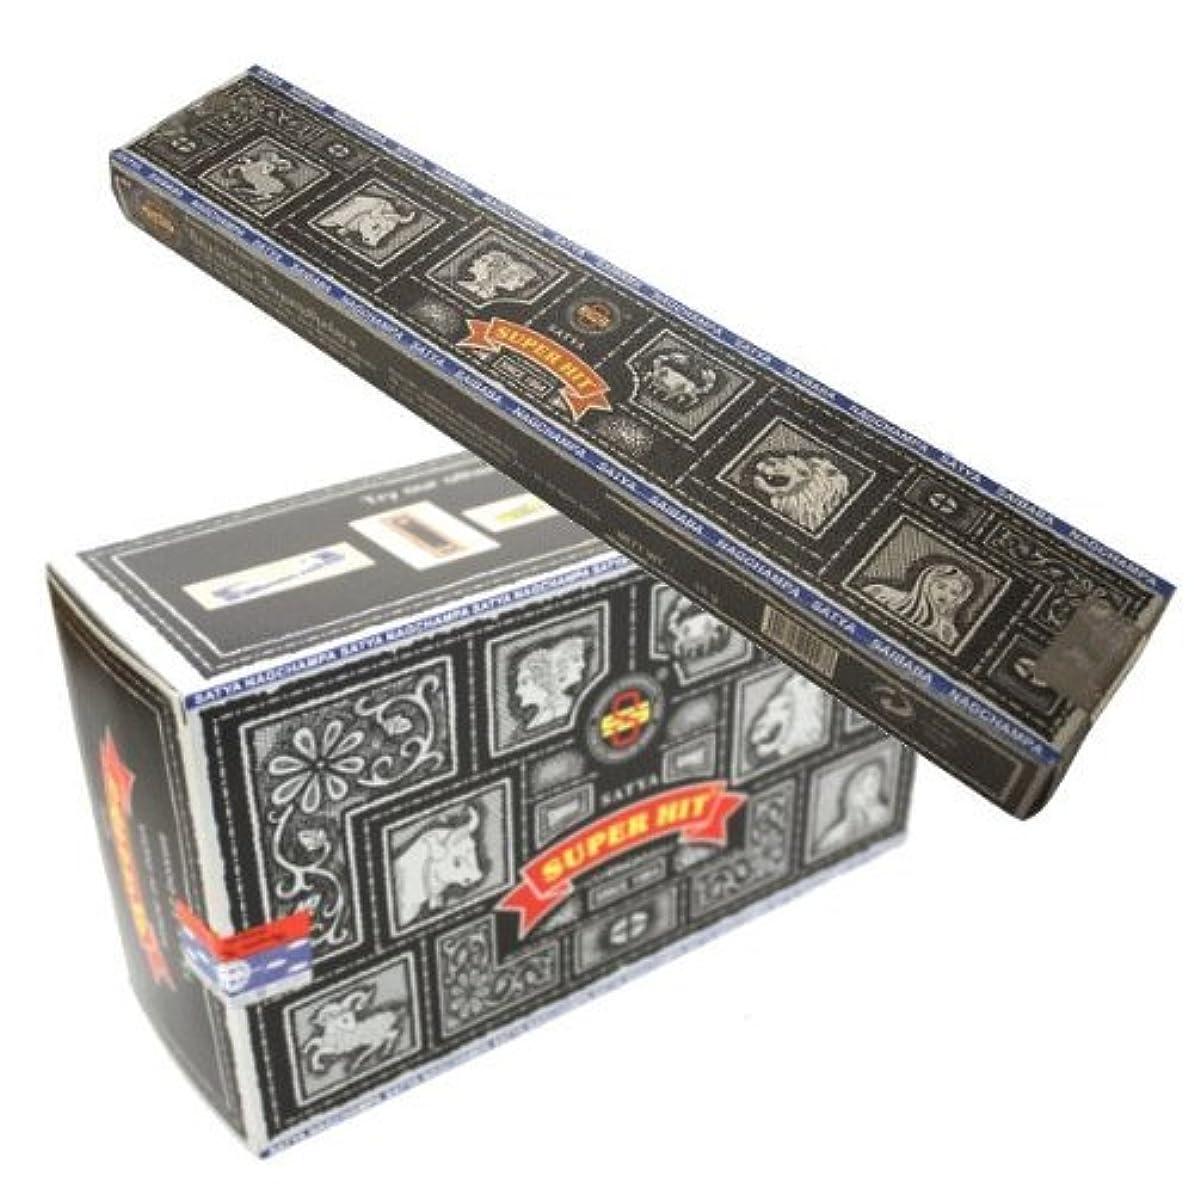 無し解放角度SATYA スーパーヒット香 スティック 12箱セット SATYA SUPER HIT